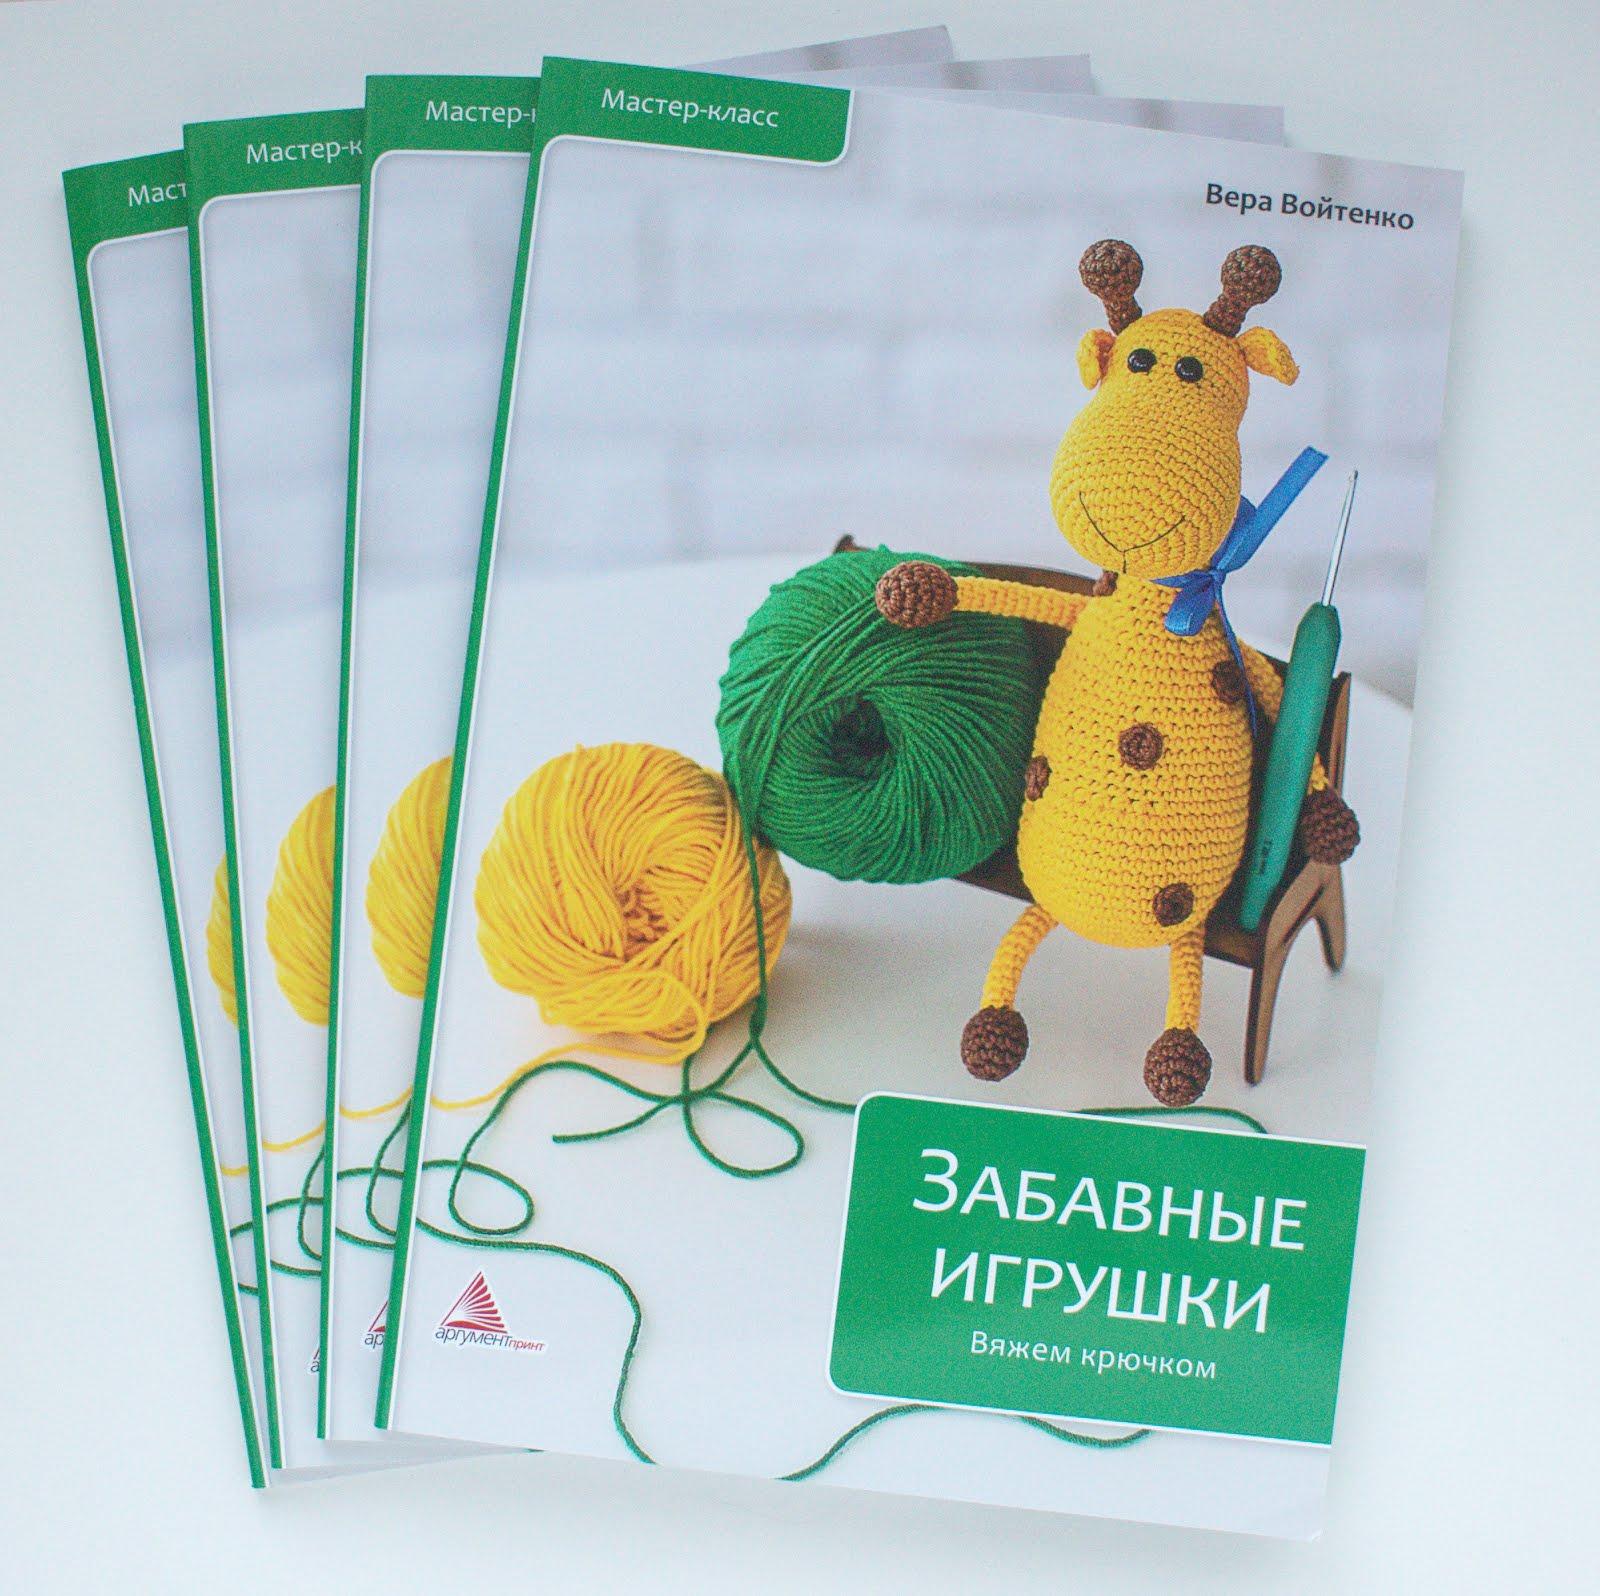 Купить книгу с схемами вязаных игрушек